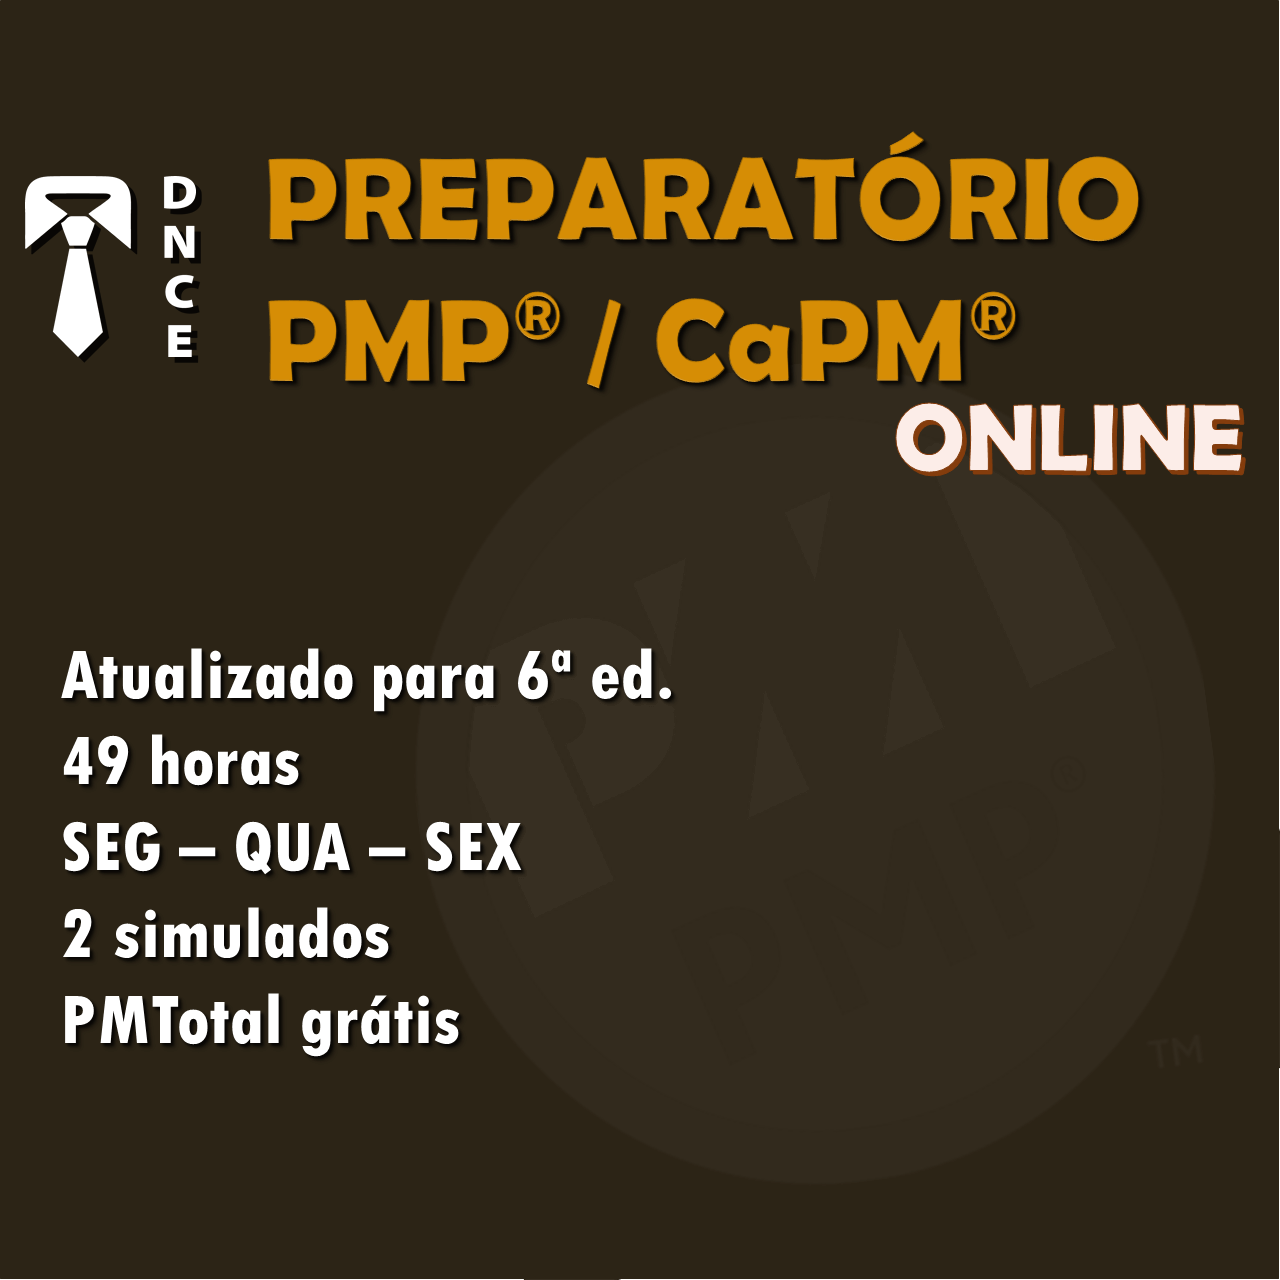 Preparatório PMP Online